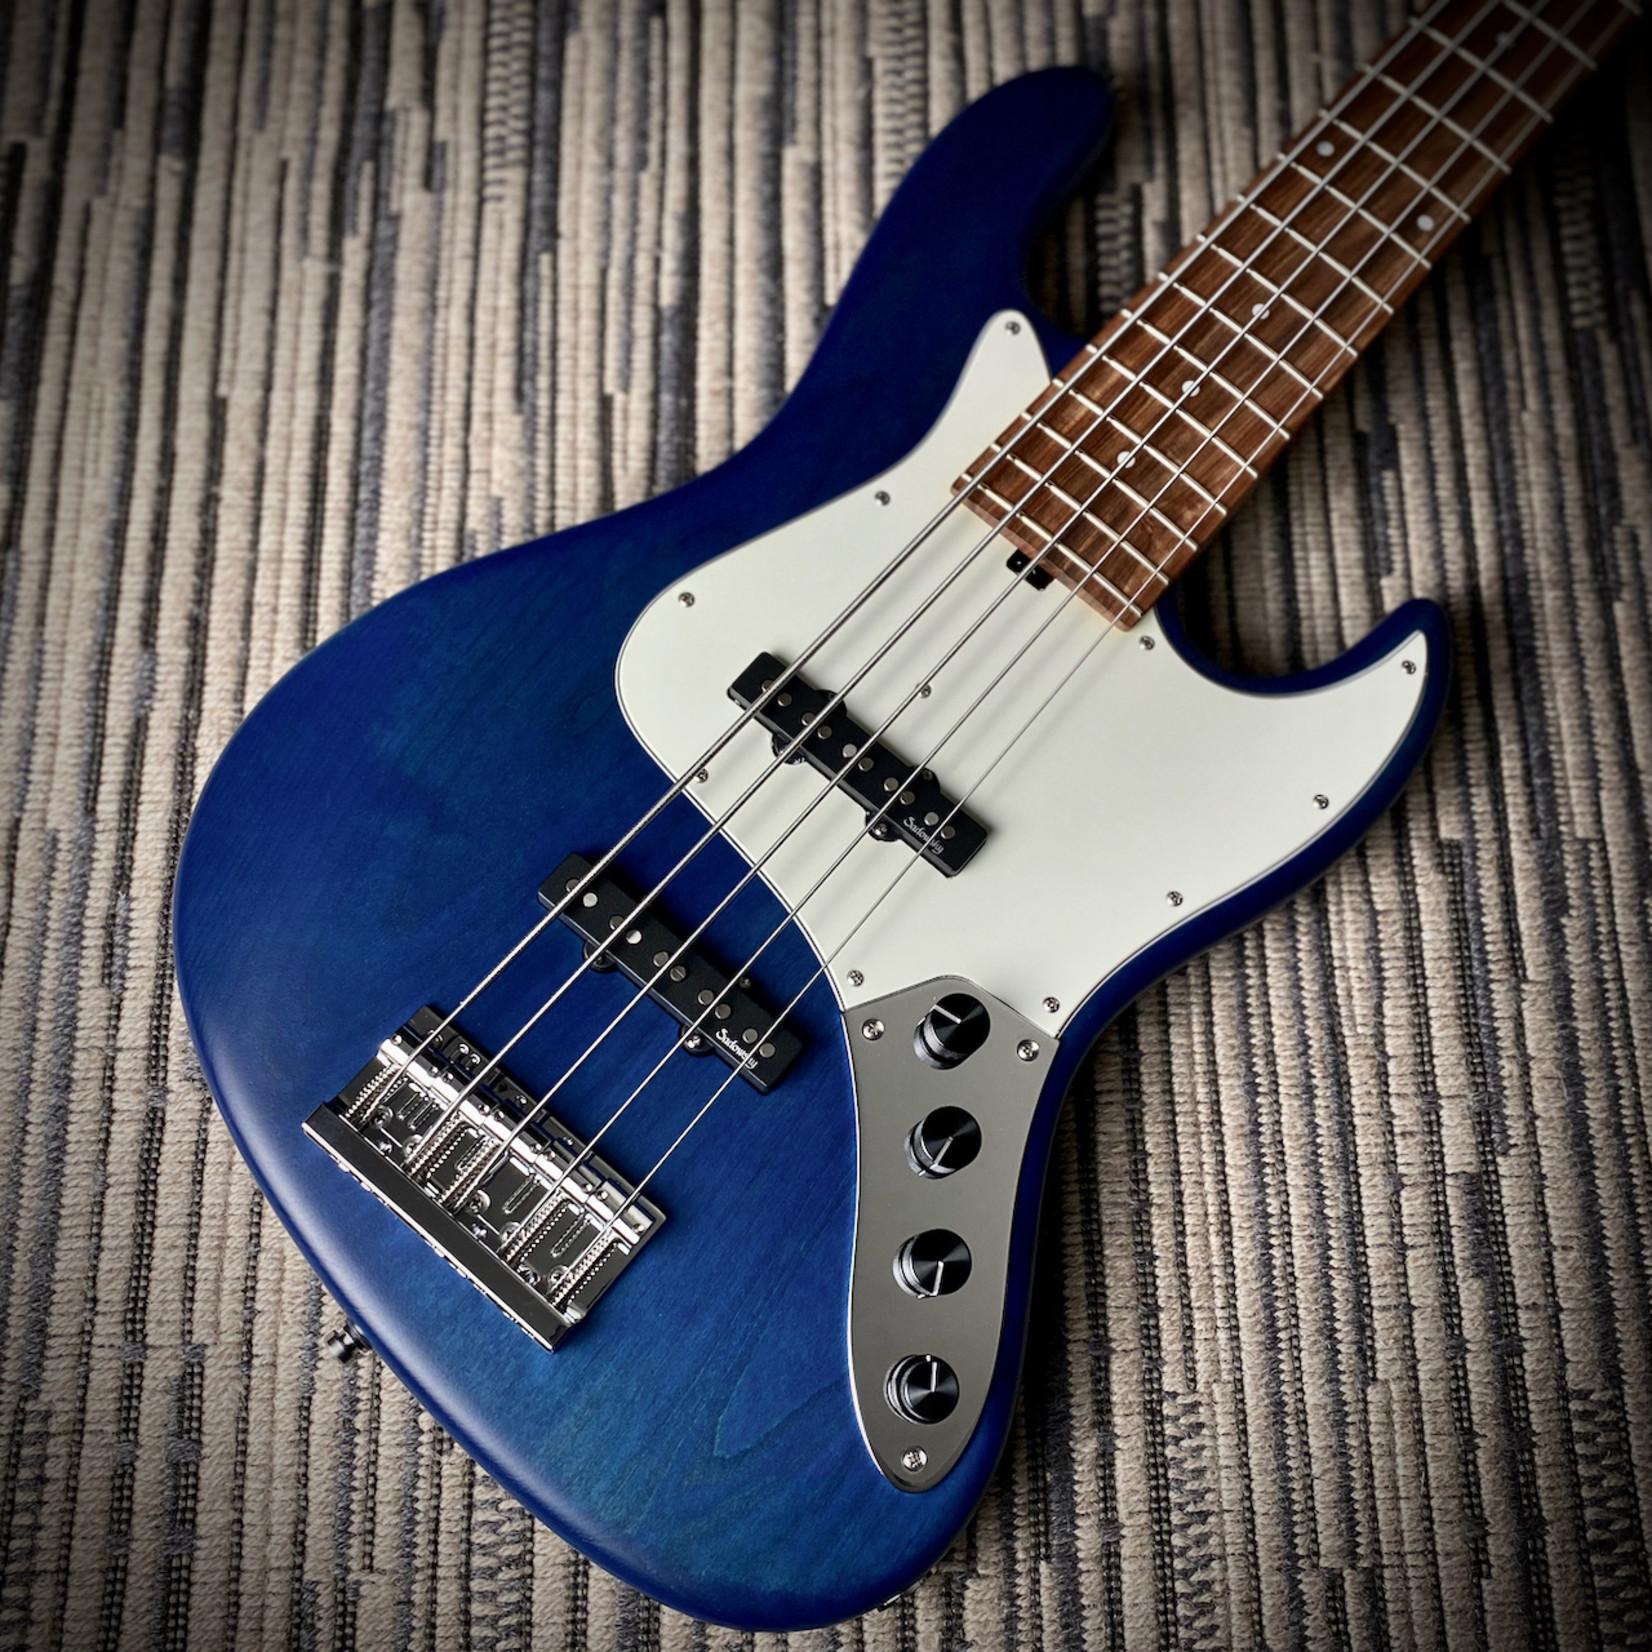 Sadowsky Sadowsky MetroLine 21-Fret Vintage J/J 5-String Bass - Blue Transparent Satin on Red Alder Body